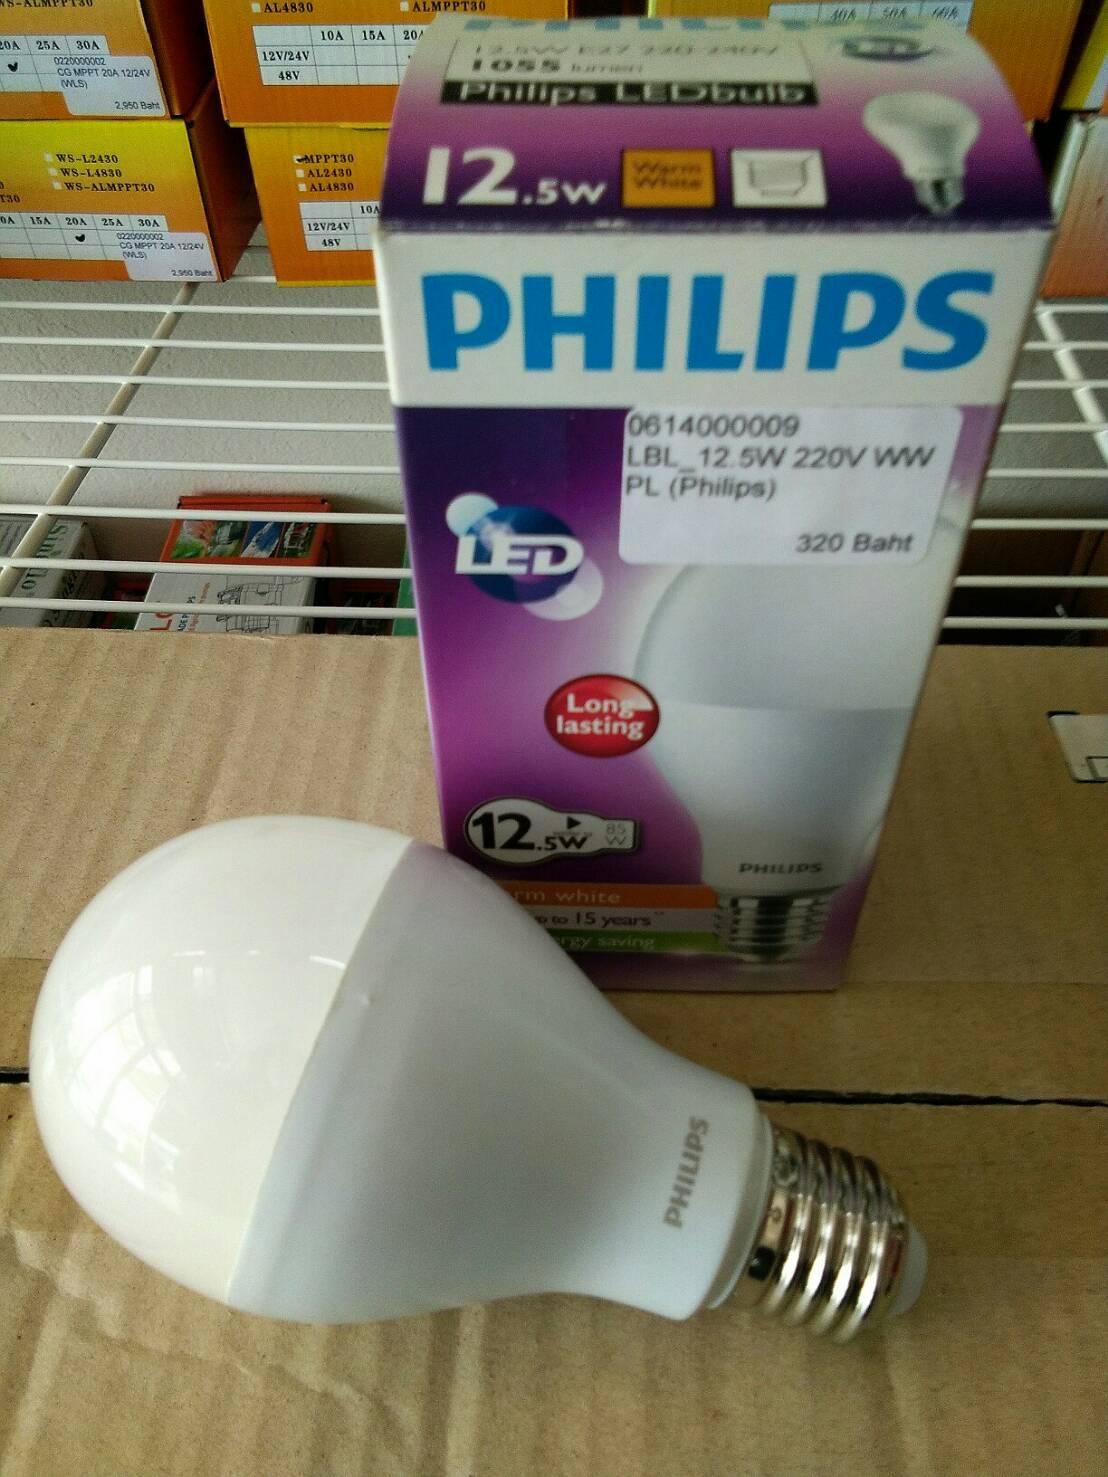 หลอดไฟ LED E27 Bulb ขนาด 12.5W 220V Warm White PL (Philips)